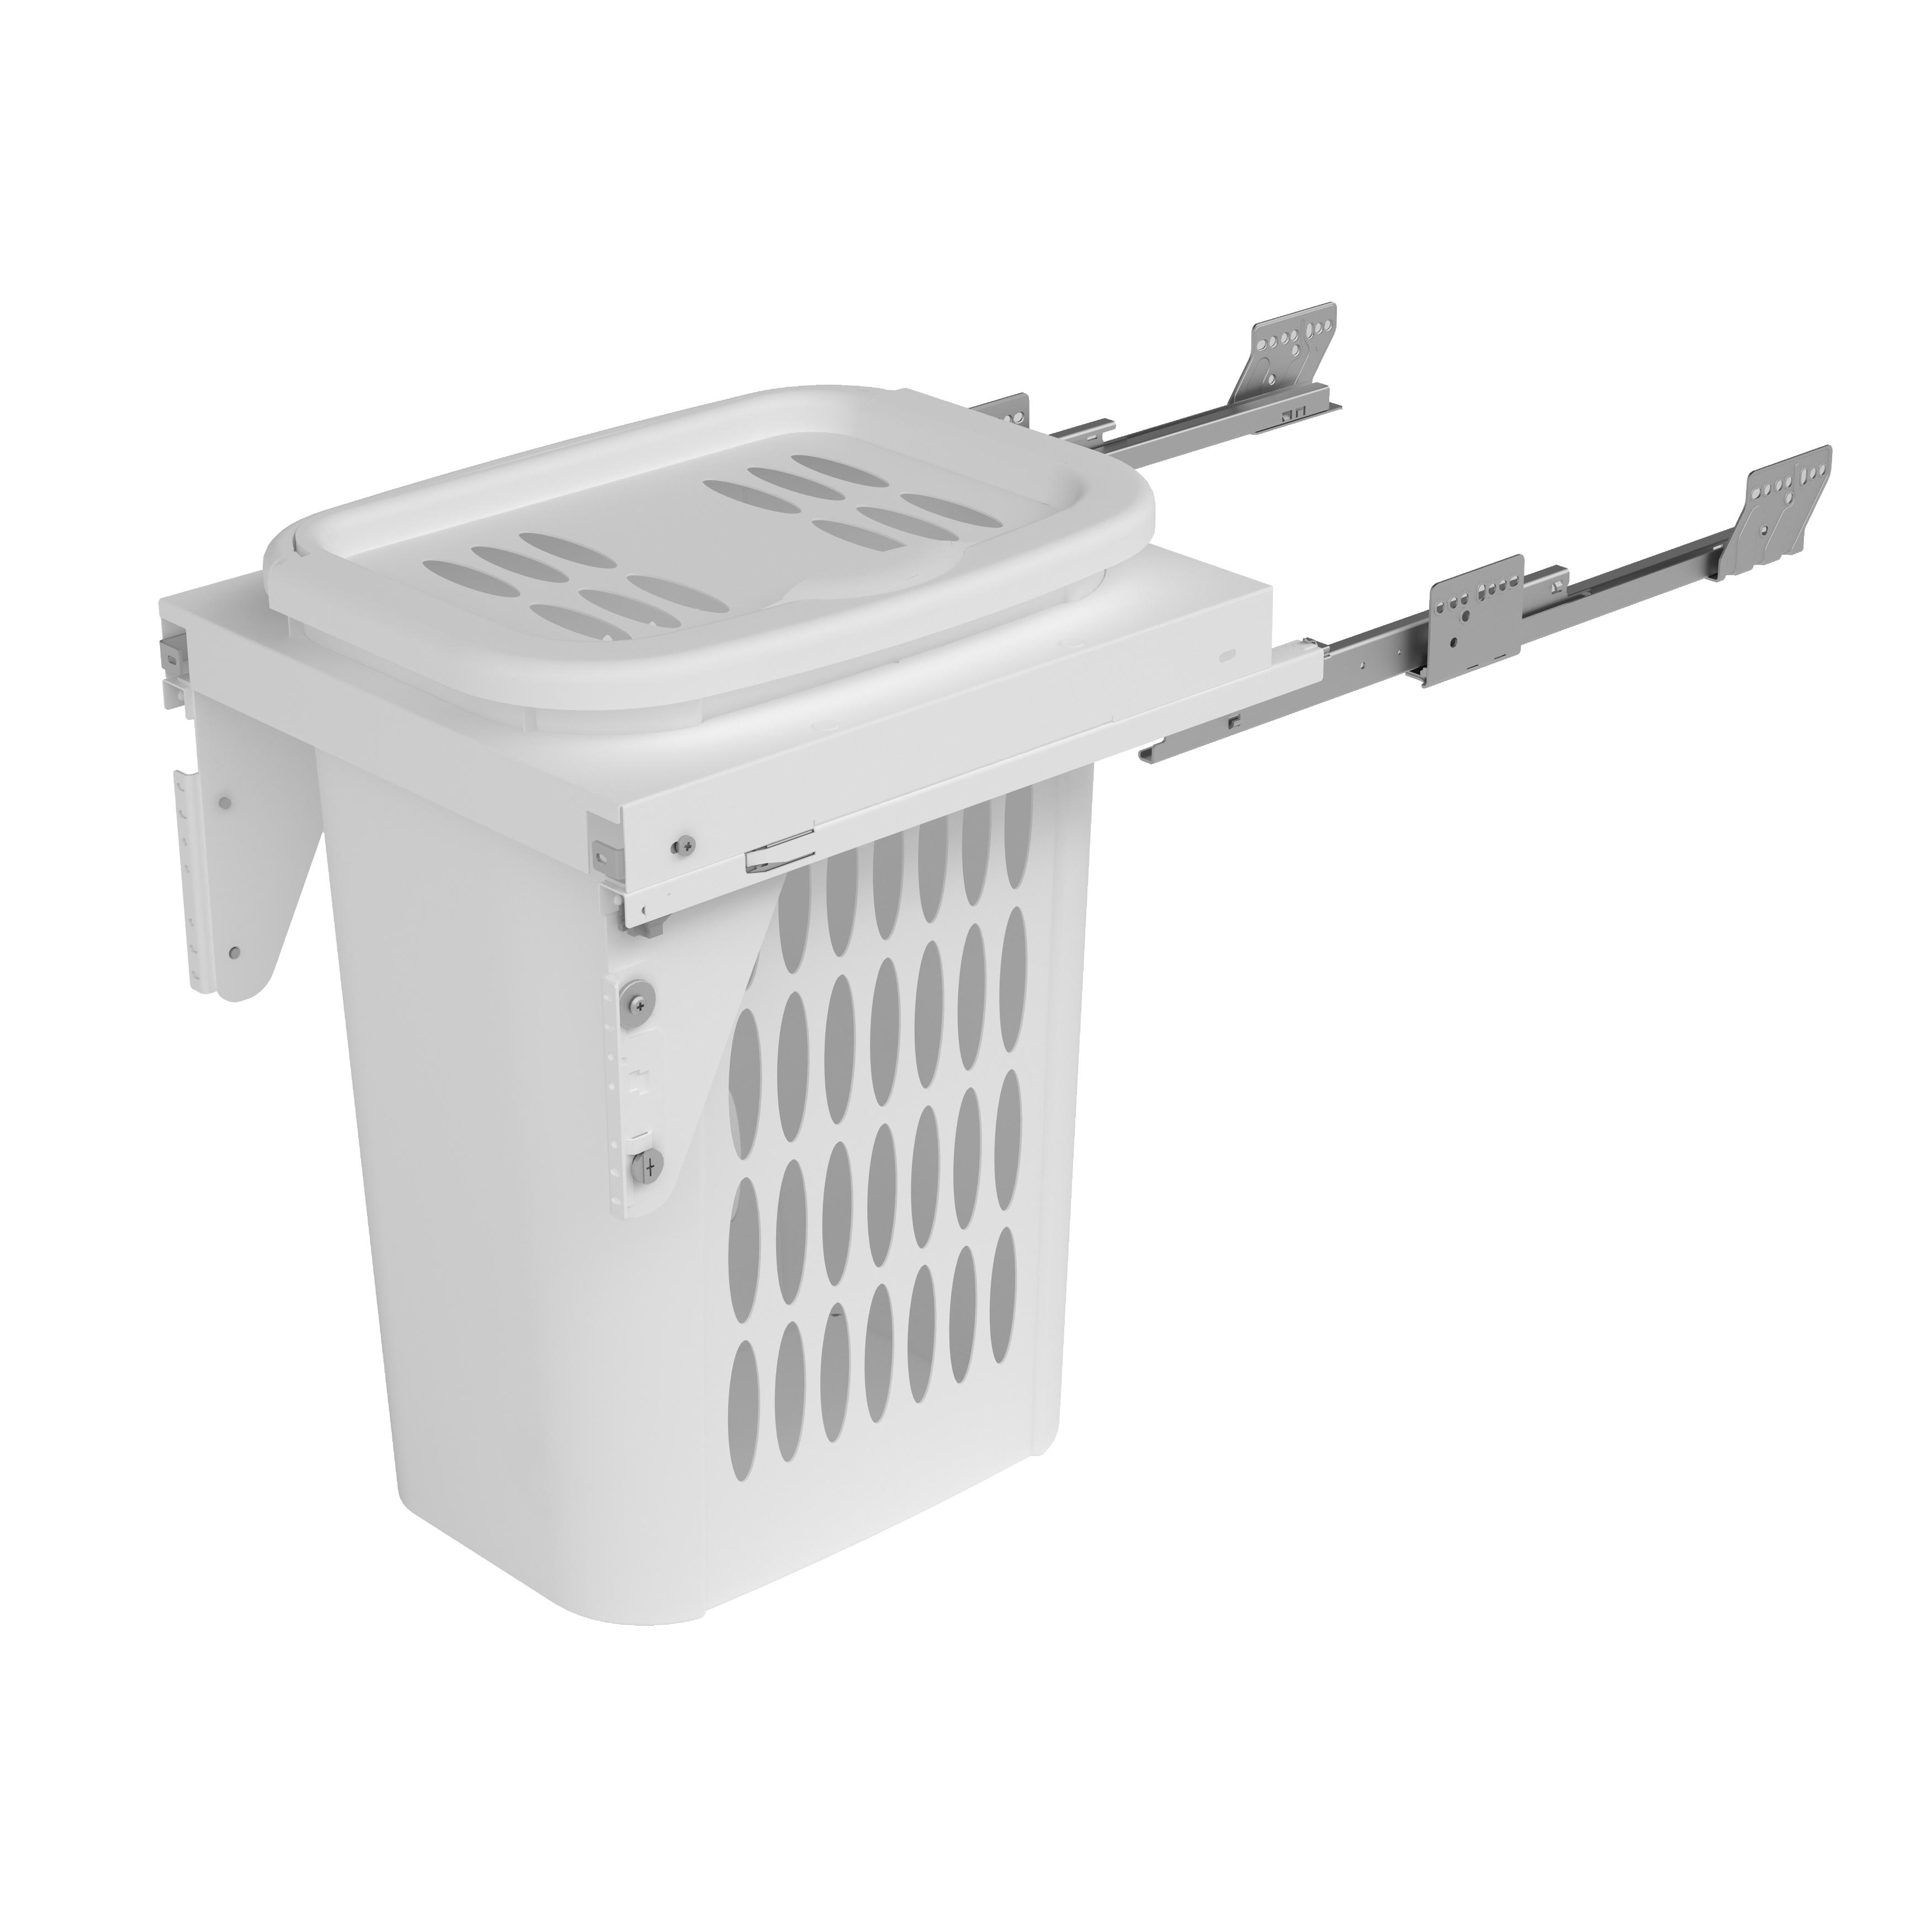 SIGE 590 Laundry Basket Insert